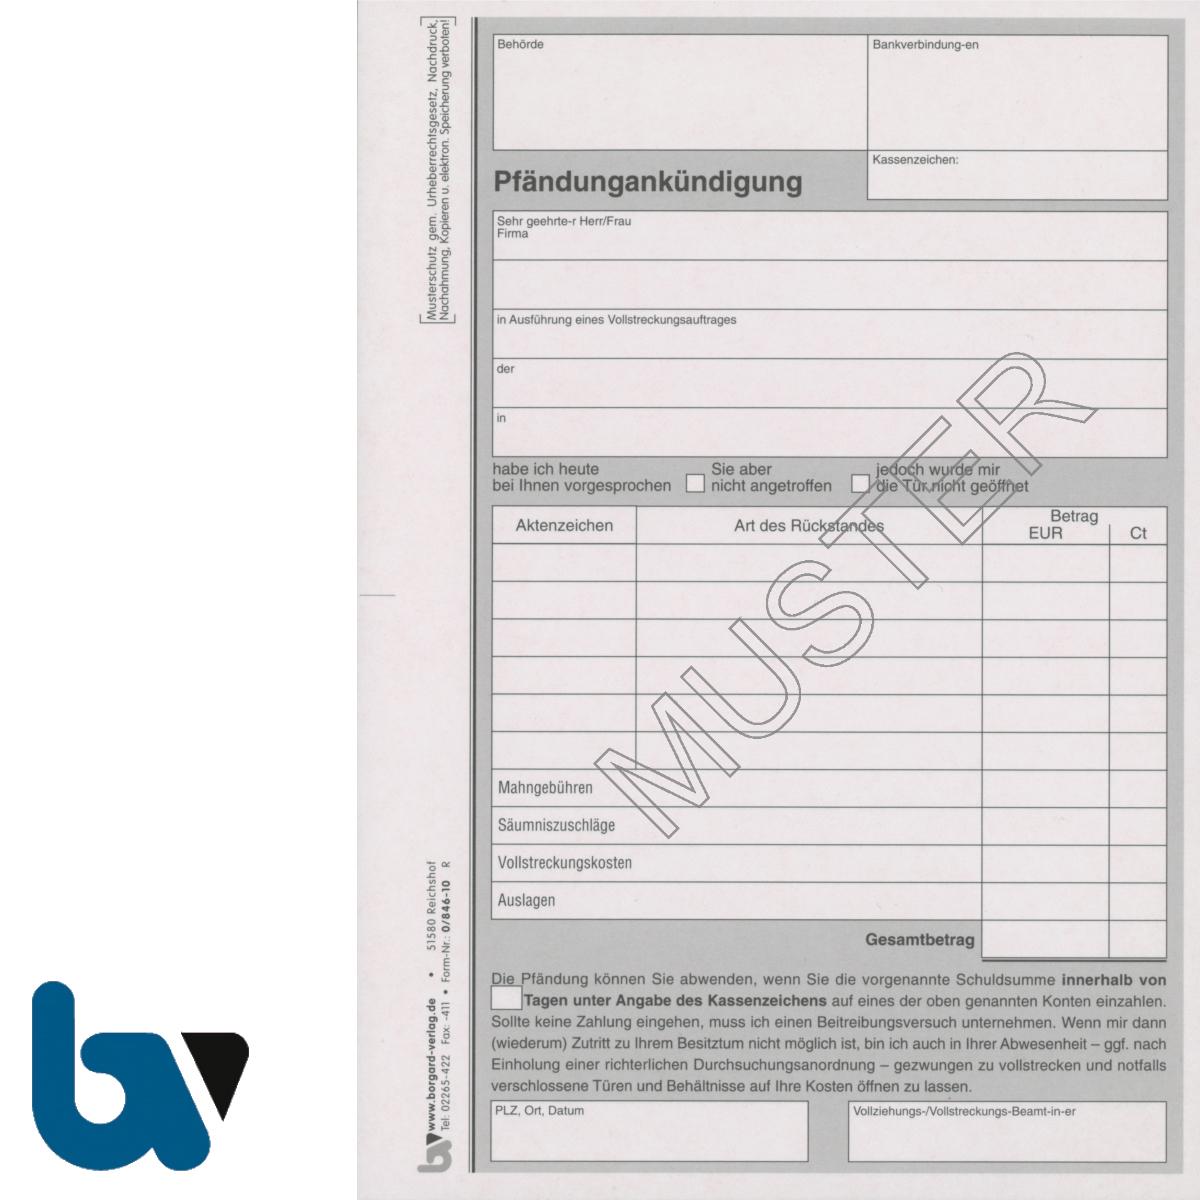 0/846-10 Pfändungsankündigung Vollstreckungsauftrag 2-fach selbstdurchschreibend DIN A5 | Borgard Verlag GmbH